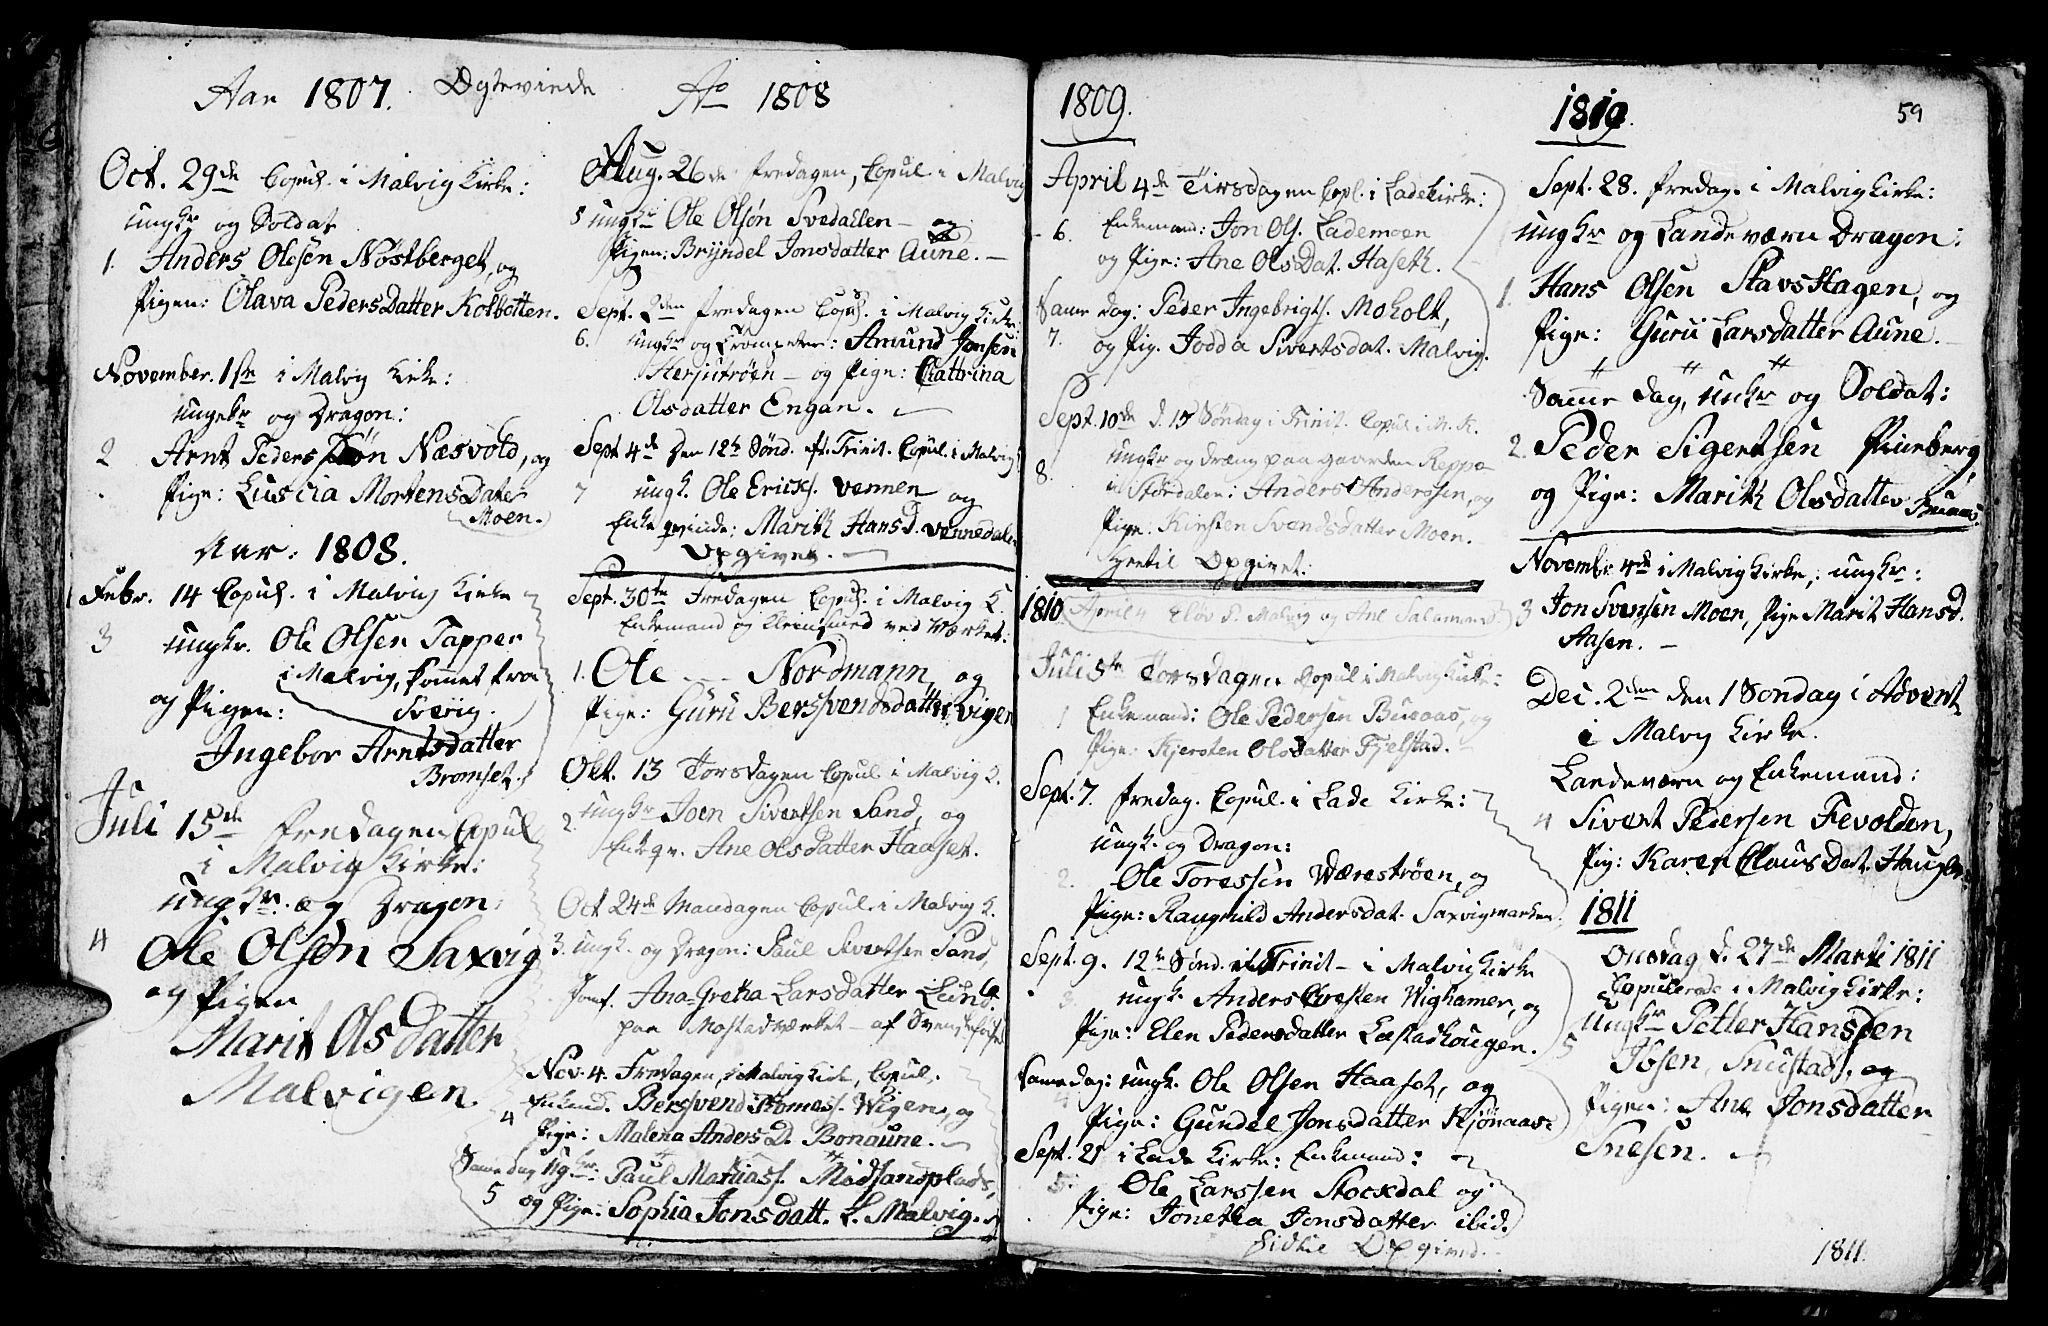 SAT, Ministerialprotokoller, klokkerbøker og fødselsregistre - Sør-Trøndelag, 616/L0419: Klokkerbok nr. 616C02, 1797-1816, s. 59